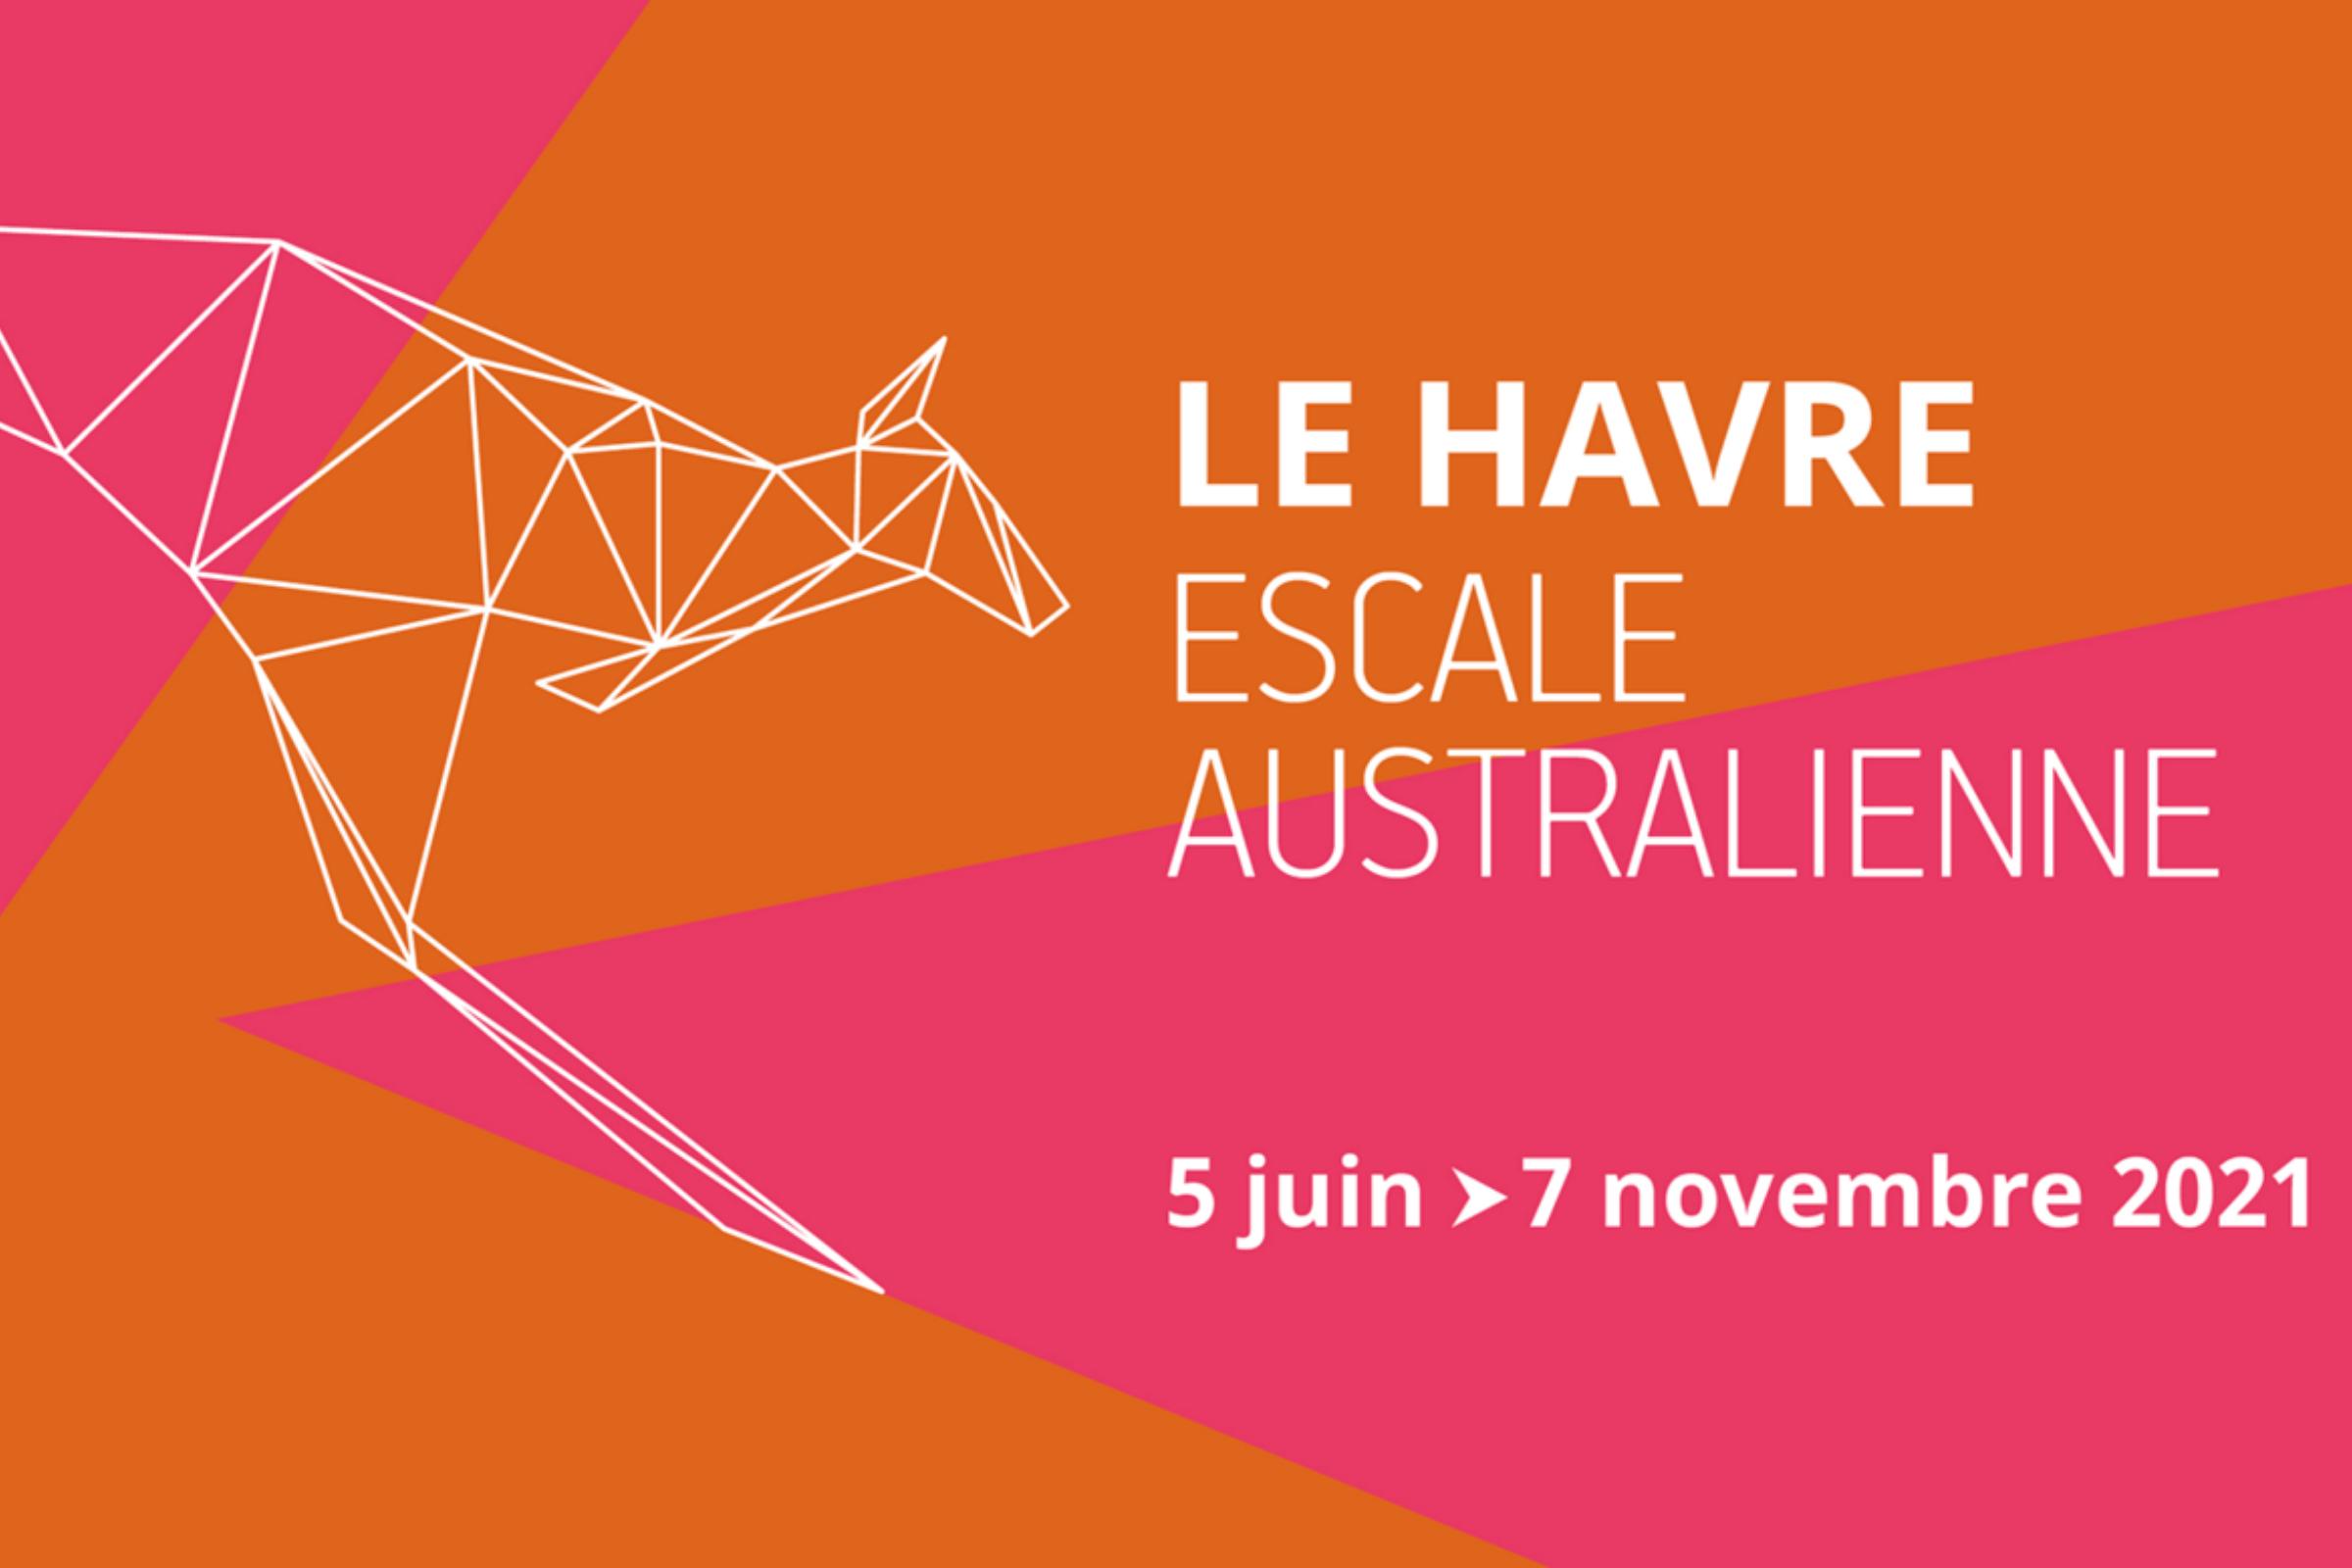 Le Havre - Escale Australienne